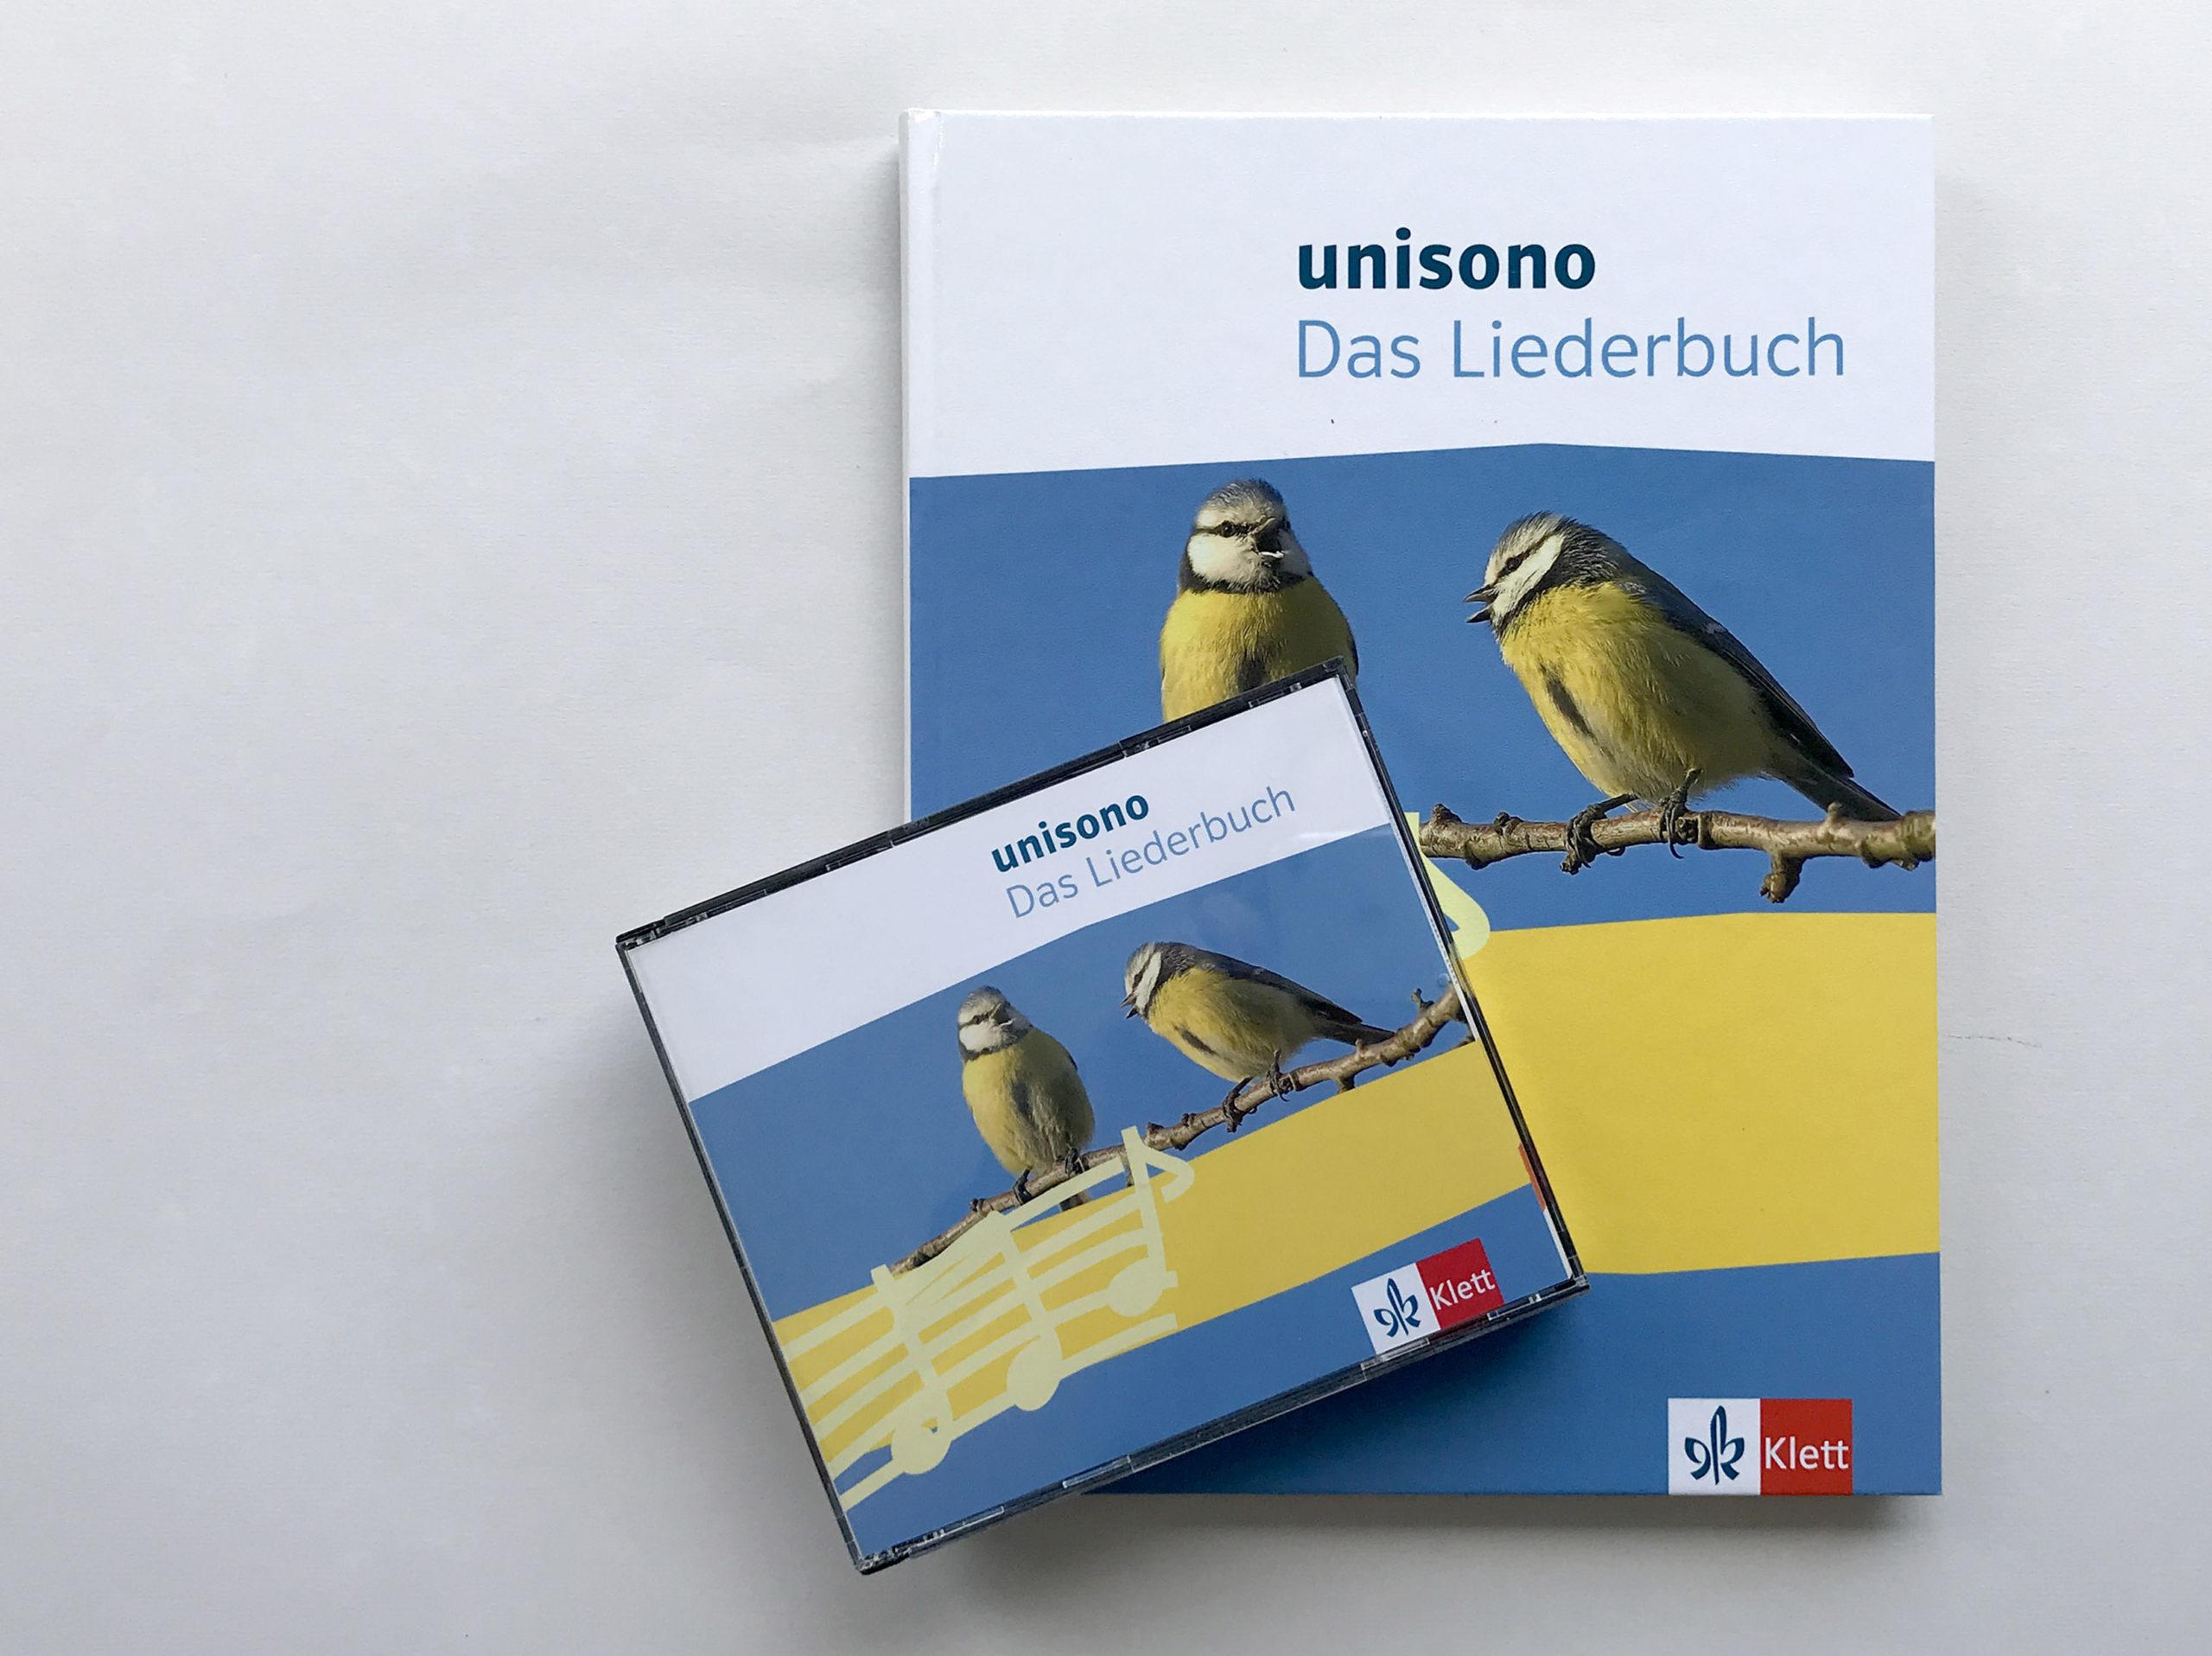 Ernst Klett Verlag | unisono – Das Liederbuch